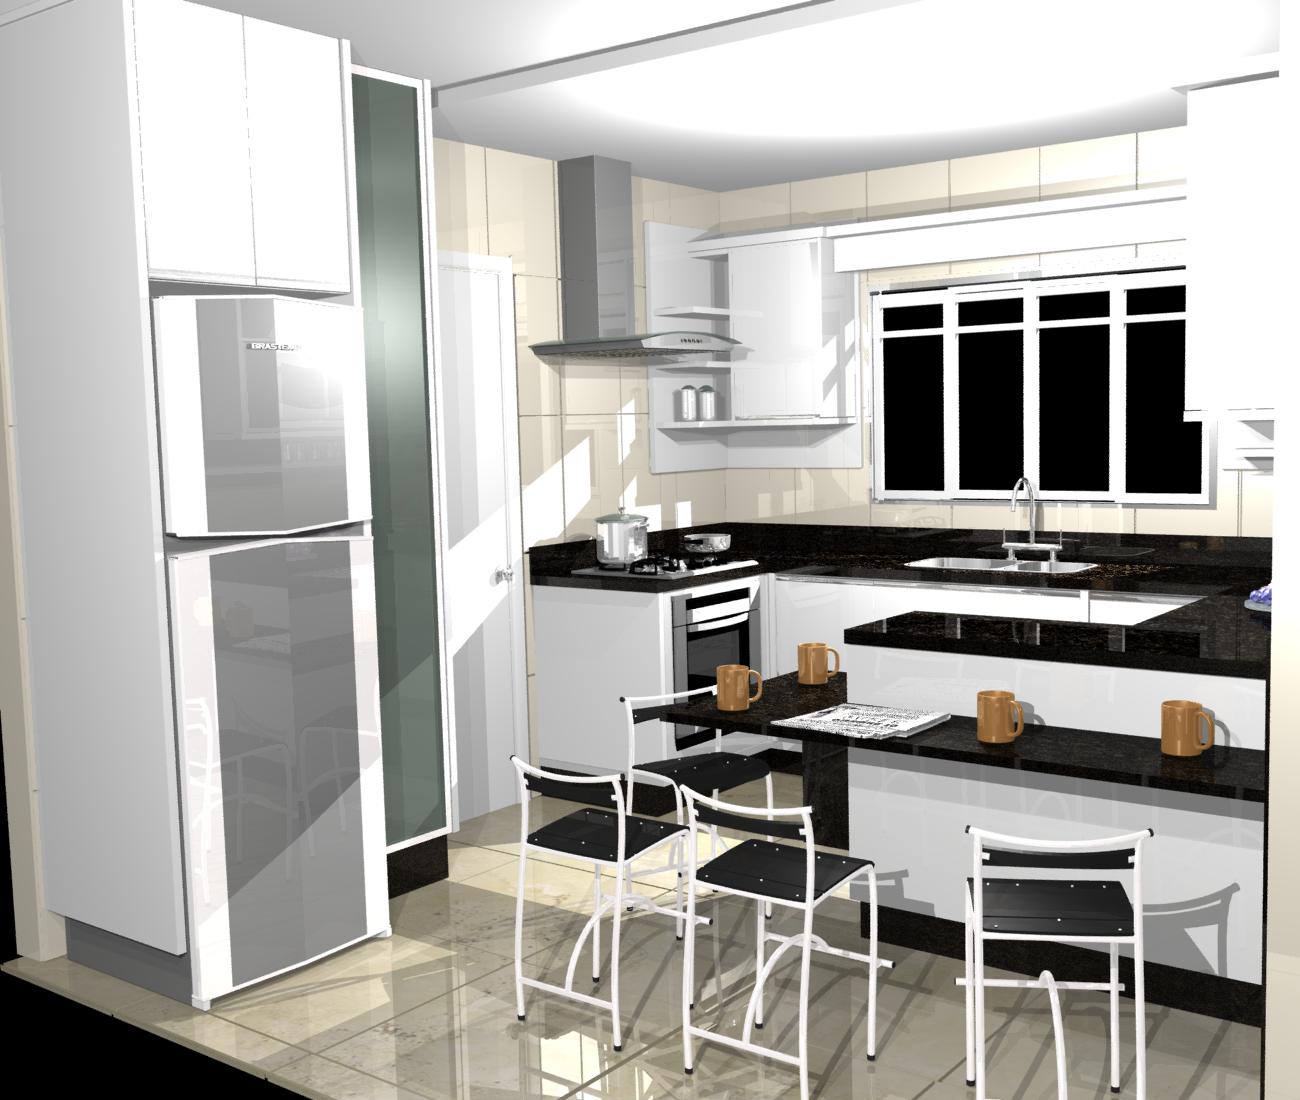 para cozinhas cozinhas planejadas dellano dellano cozinhas planejadas #776147 1300 1100